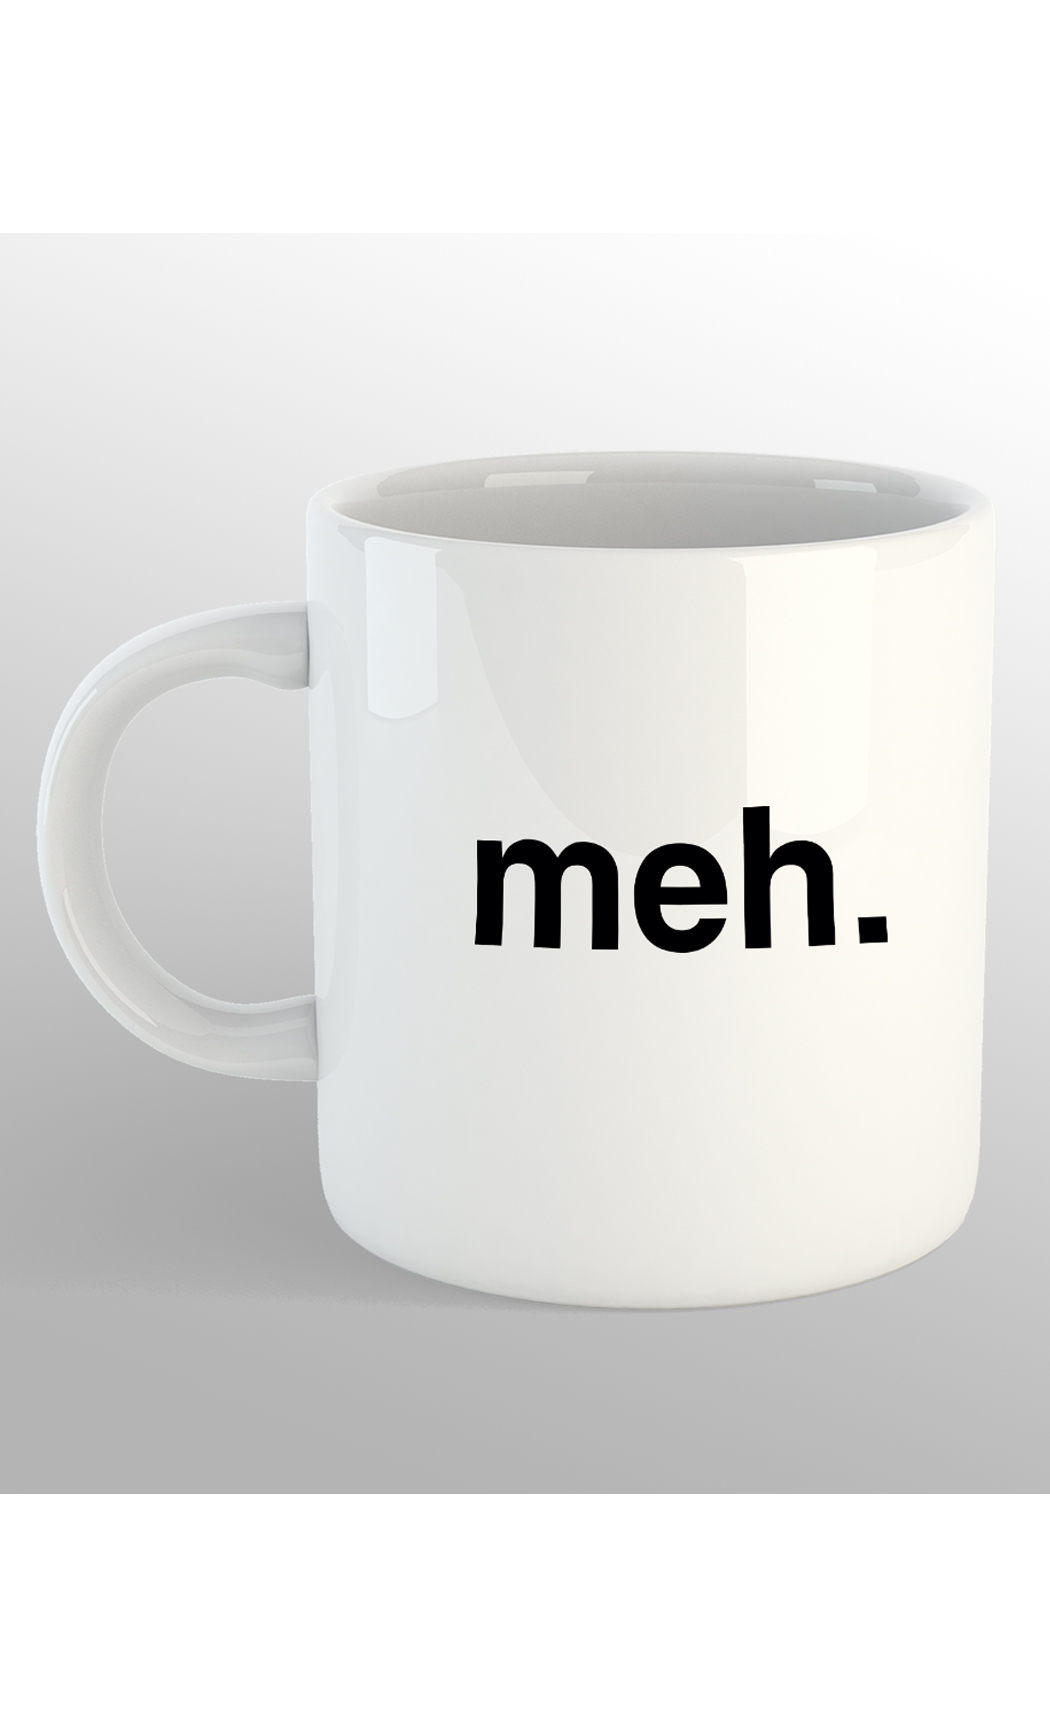 Meh Mug. Buy Online.